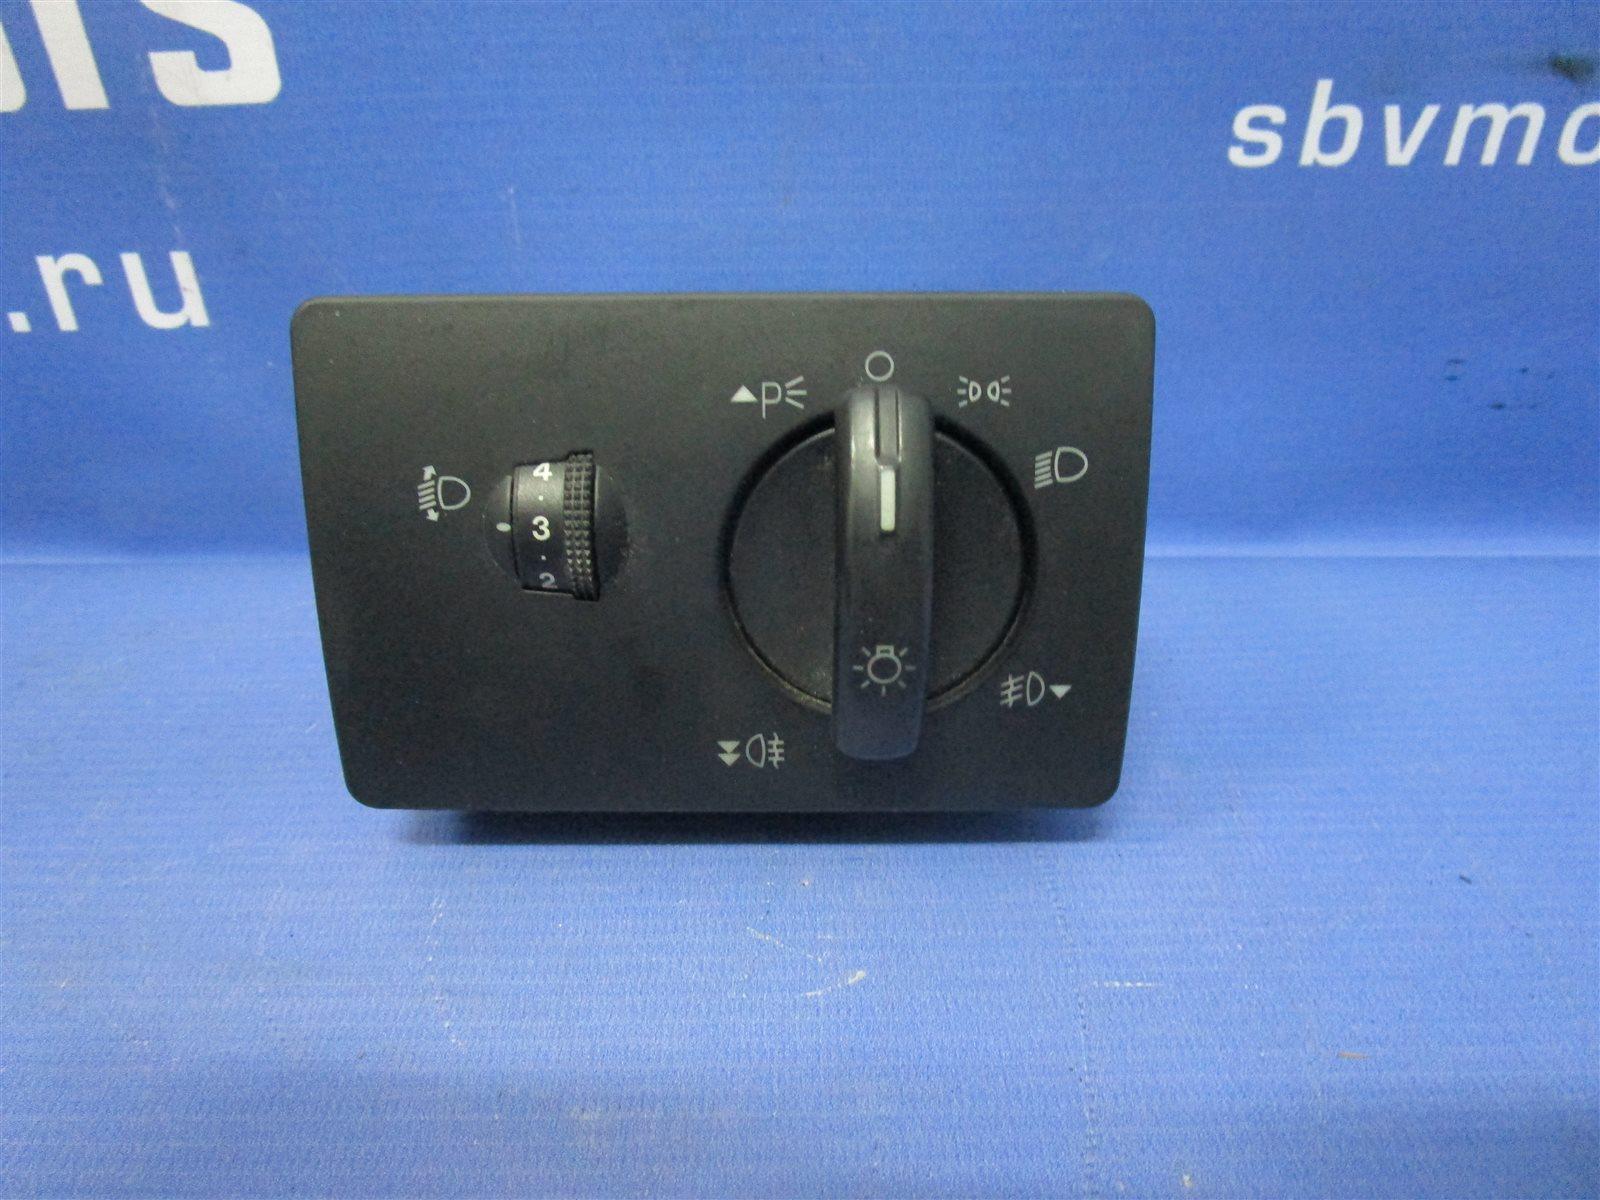 Переключатель света Ford Focus HATCH SHDA 1.6 DURATEС 100 ЛС 2009г.